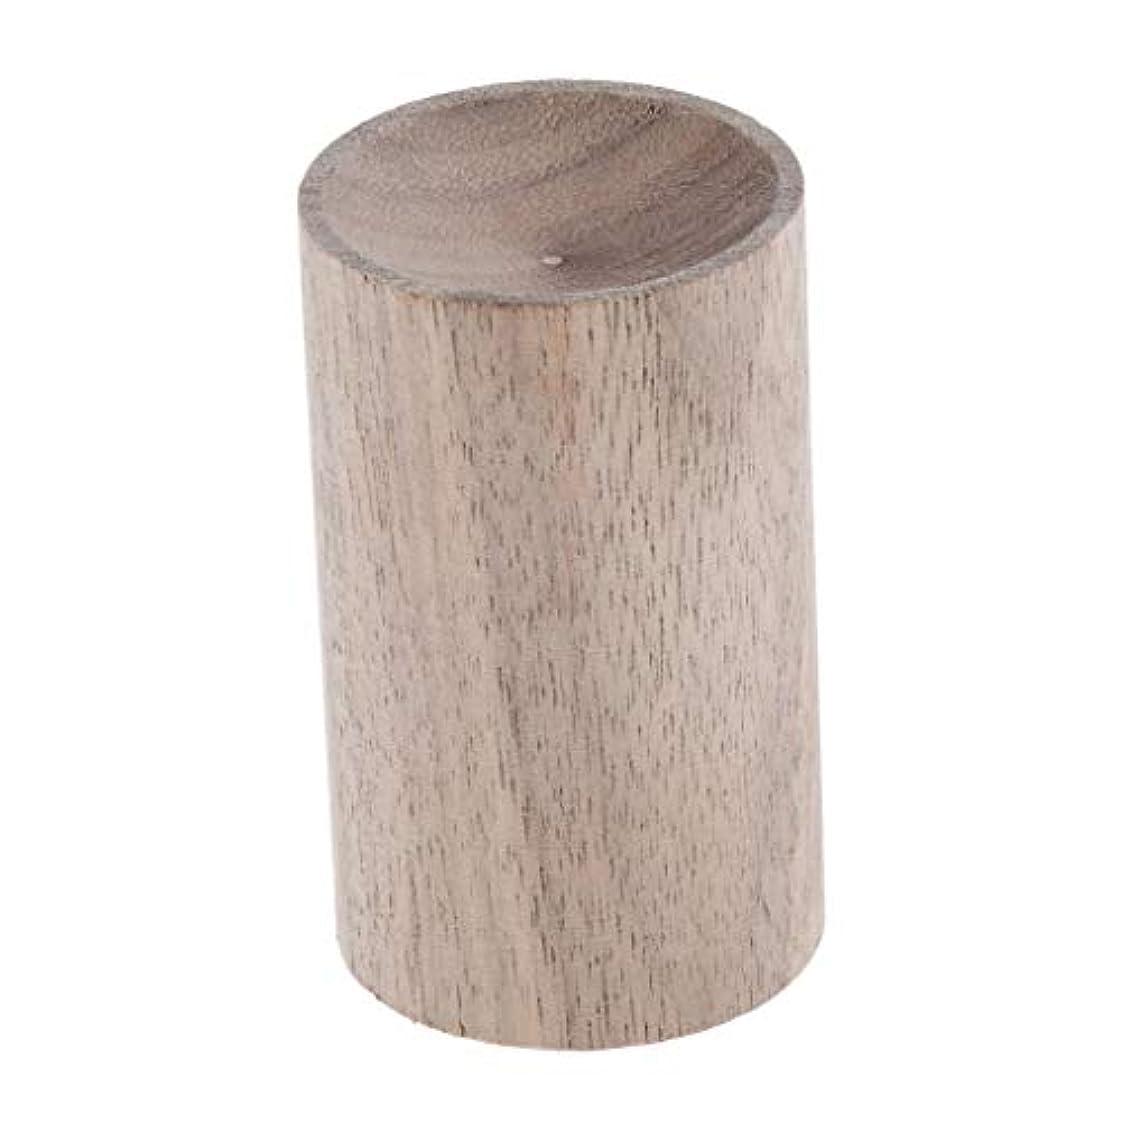 独立した満了ホールドオール全2種類 アロマディフューザー 車 家庭用 天然木 エアフレッシュナー 香水 - 02